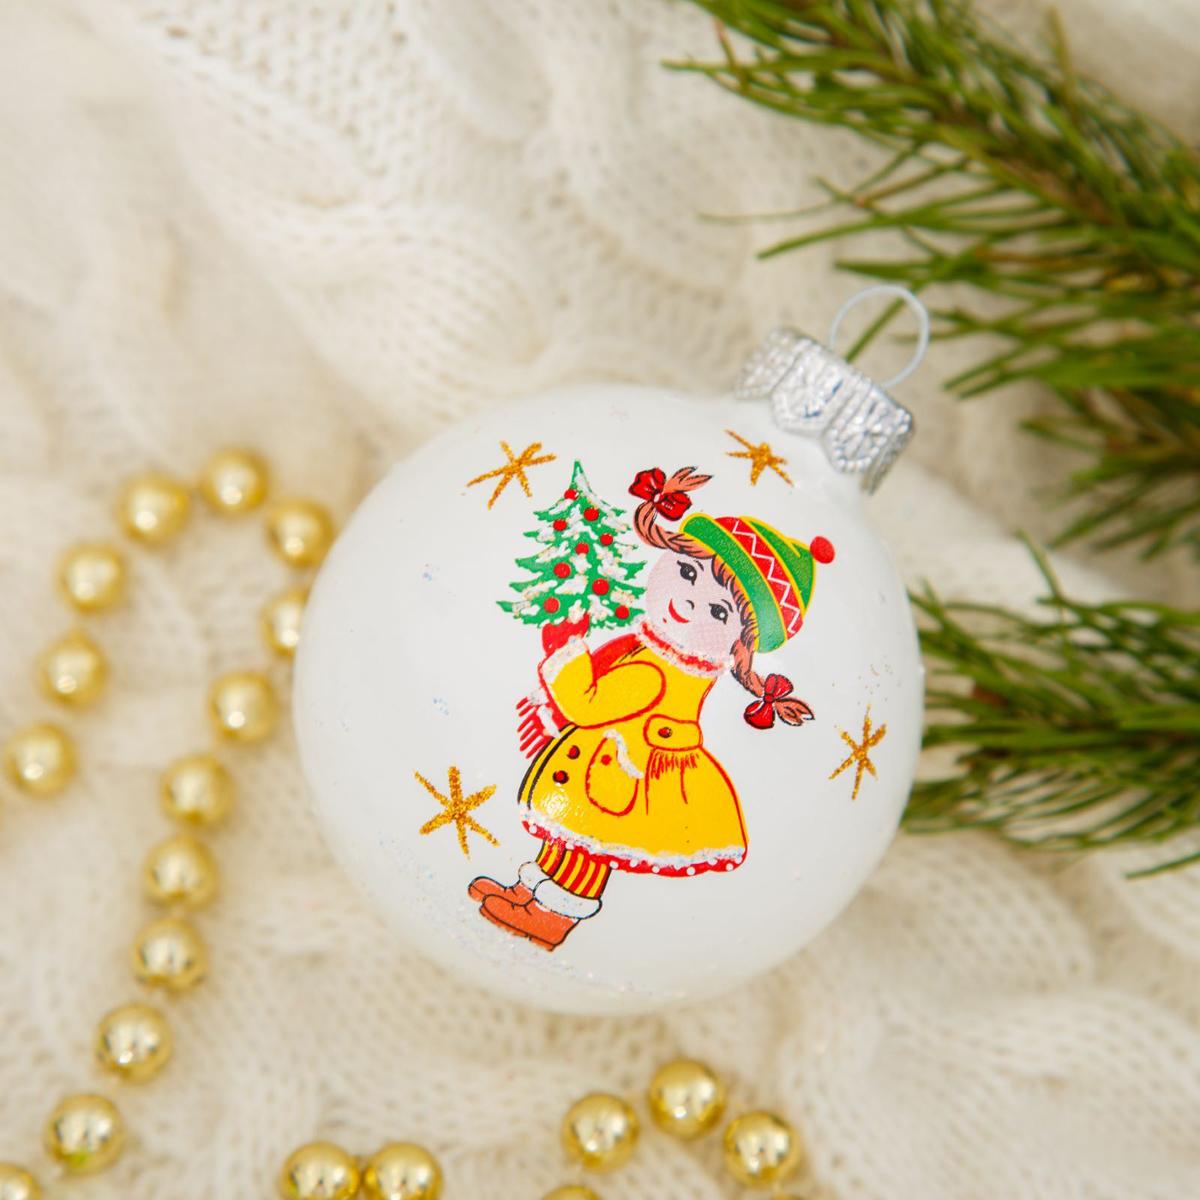 Новогоднее подвесное украшение Ёлочка Детский, диаметр 5 см2564831Новогоднее подвесное украшение Ёлочка отлично подойдет для декорации вашего дома и новогодней ели. Новогоднее украшение можно повесить в любом понравившемся вам месте. Но, конечно, удачнее всего оно будет смотреться на праздничной елке.Елочная игрушка - символ Нового года. Она несет в себе волшебство и красоту праздника. Такое украшение создаст в вашем доме атмосферу праздника, веселья и радости.